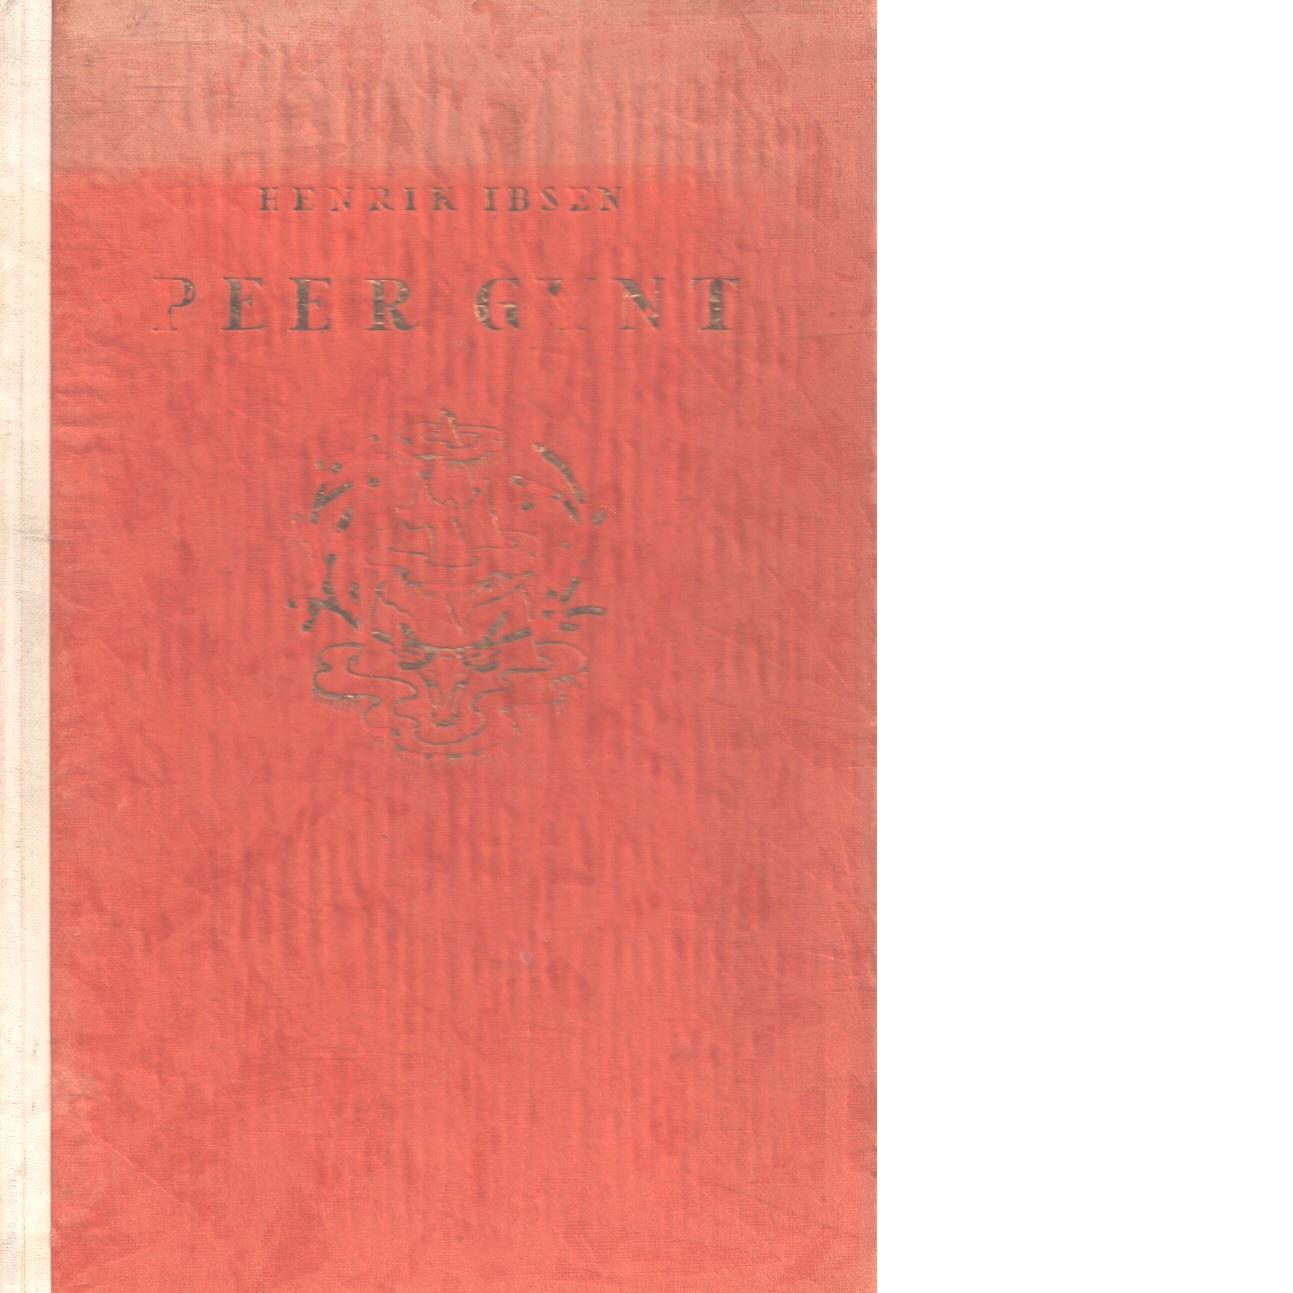 Peer Gynt : dramatisk dikt - Ibsen, Henrik